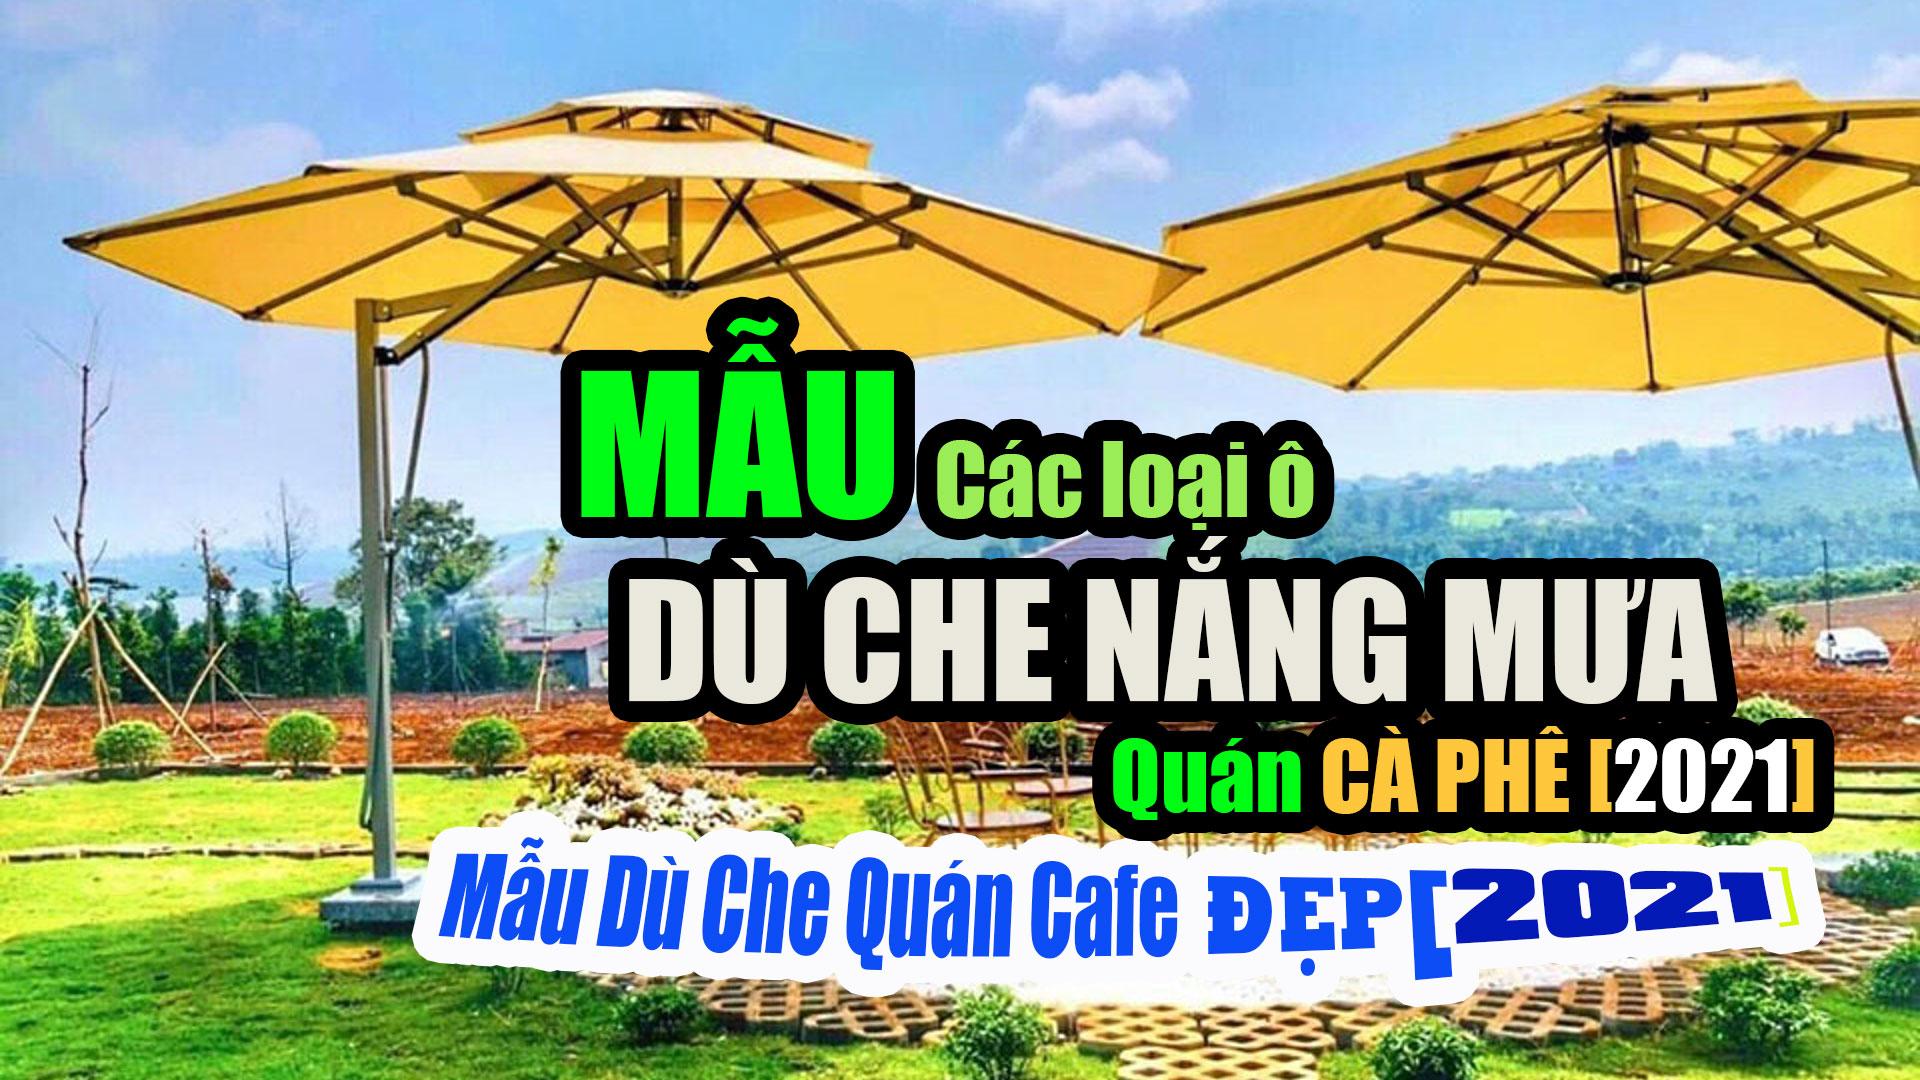 Dù Che Nắng Quán Cafe Bình Dương